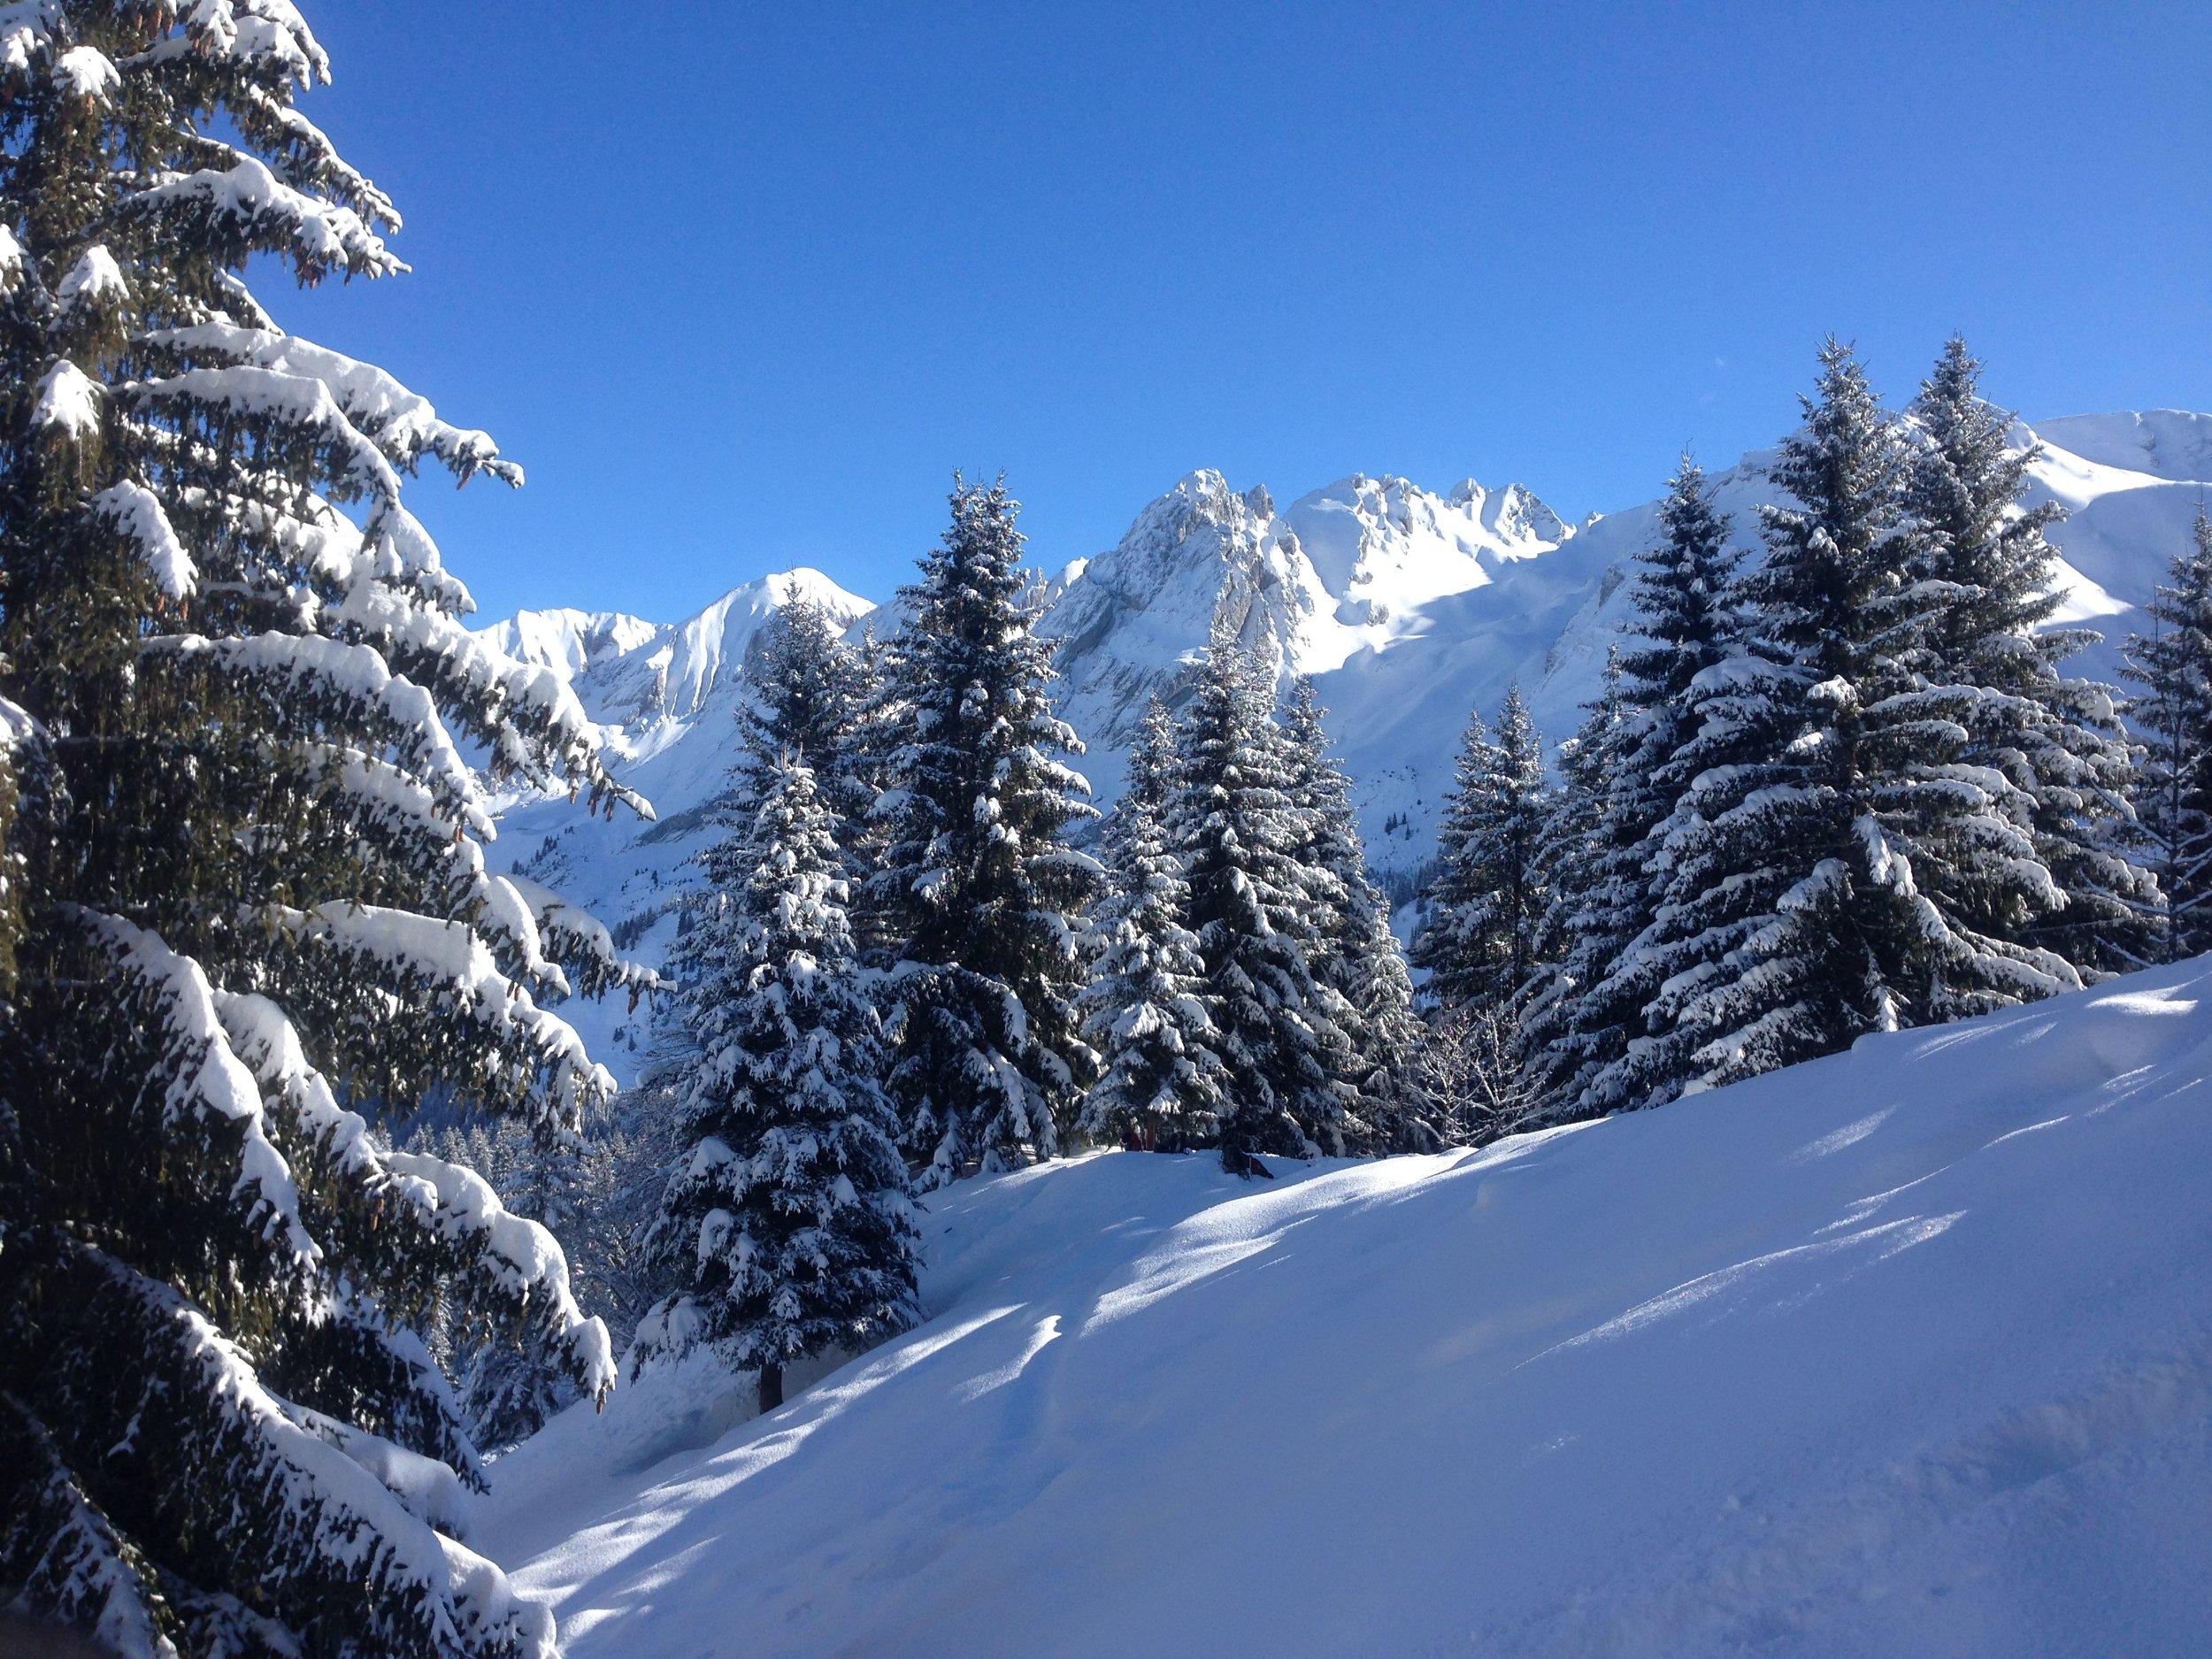 Snowshoe Winter Wonderland